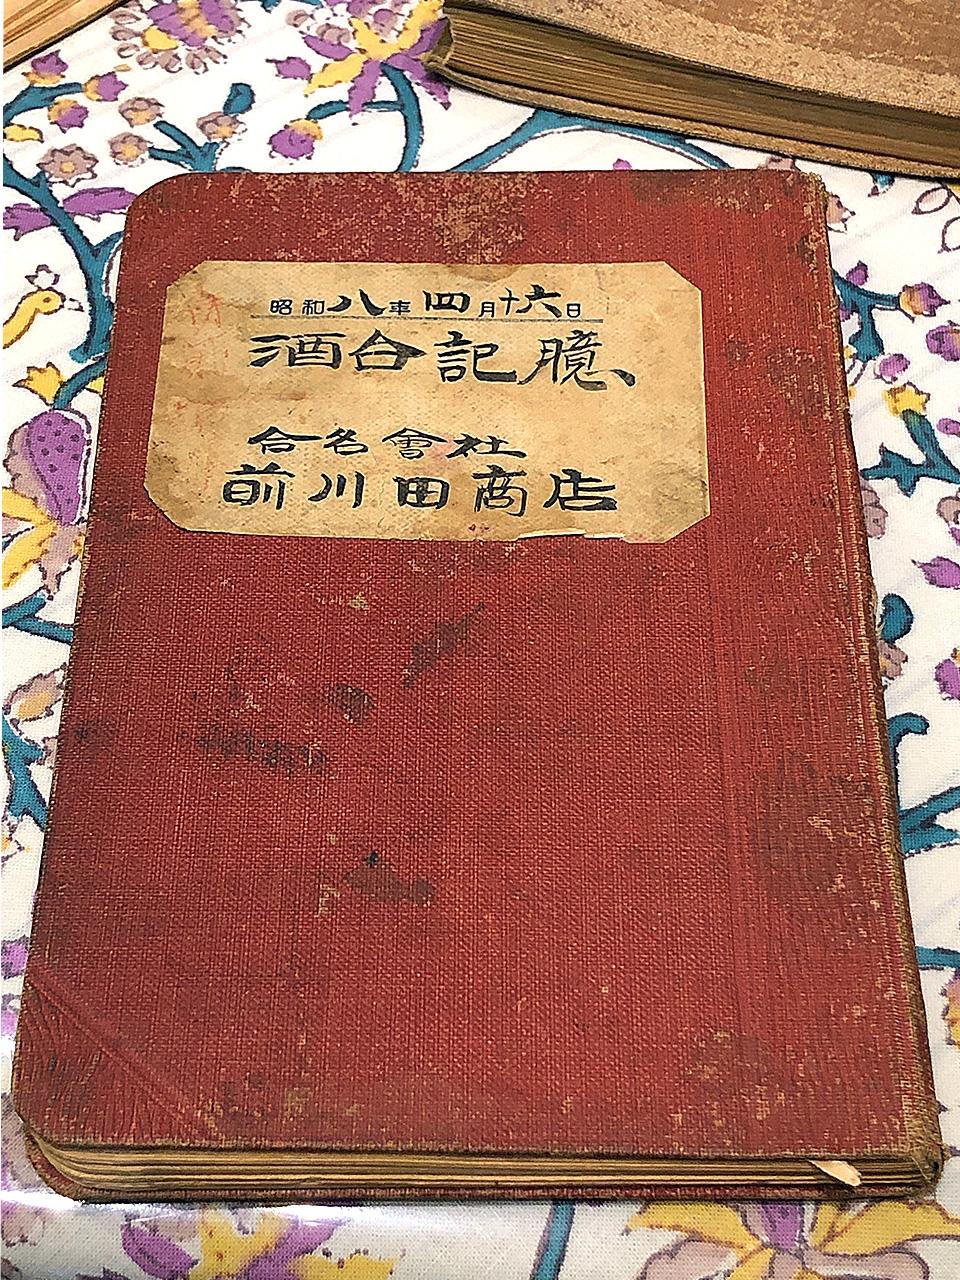 前川田酒店 戦前から残る酒の配合を記録したノート